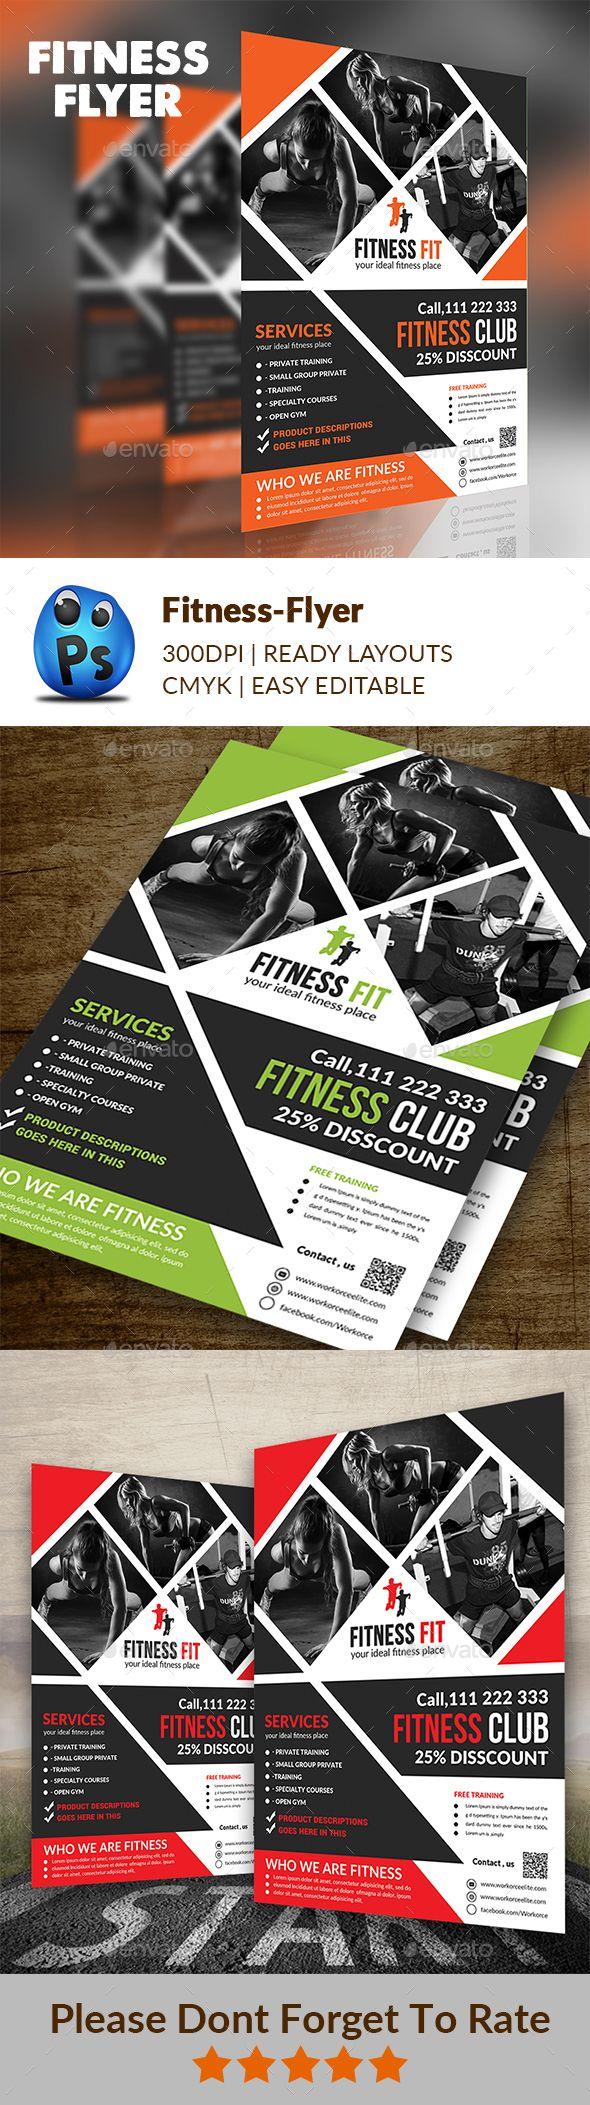 Fitness Flyer | Folletos, Volantes y Plantilla de pancarta